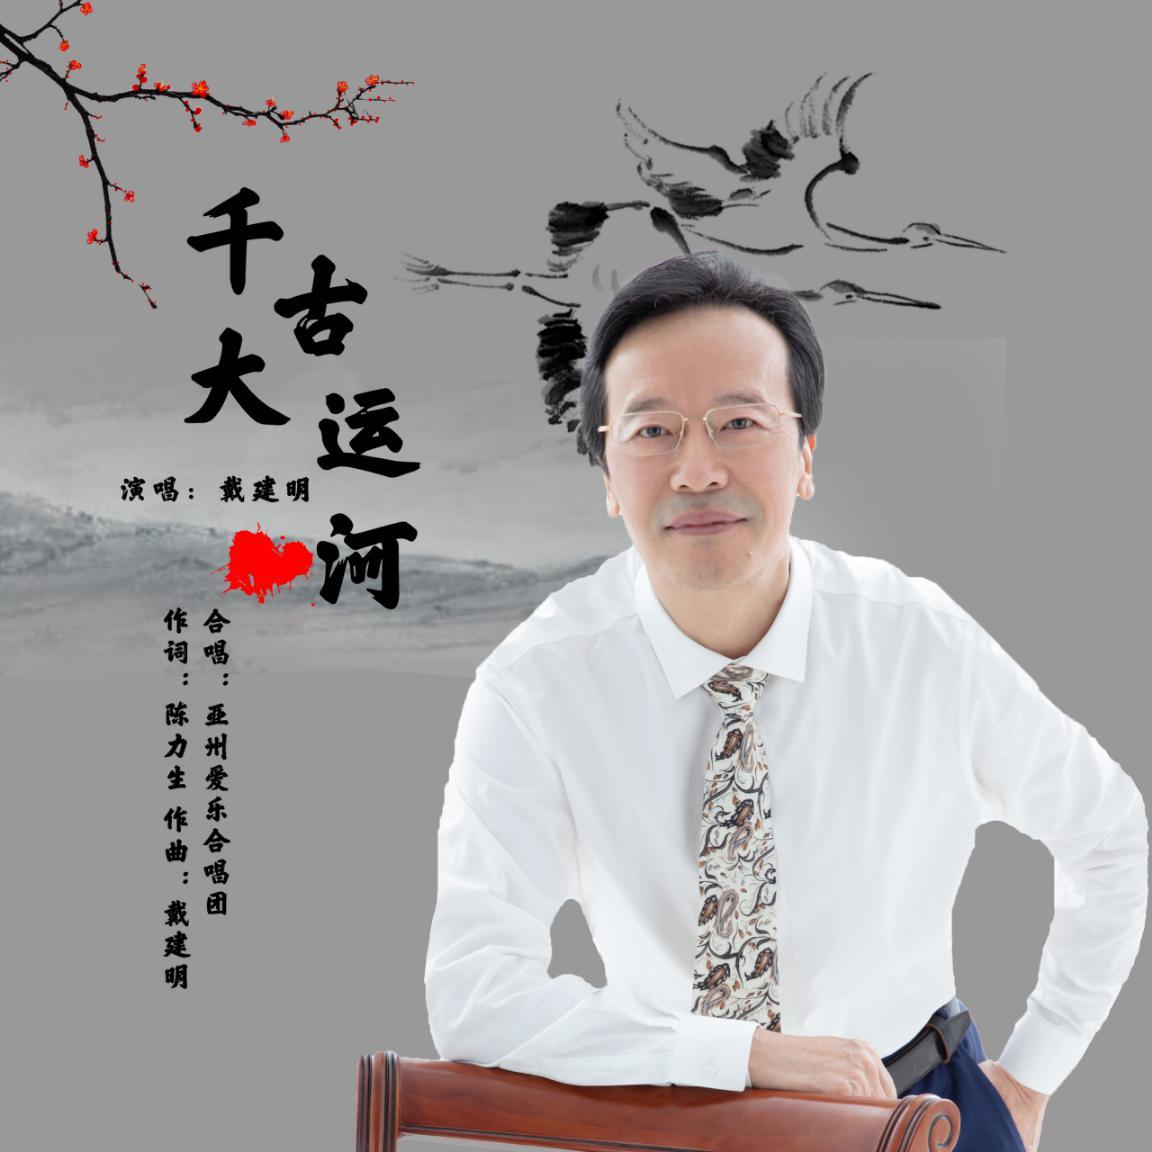 戴建明《千古大运河》发布为京杭大运河而歌